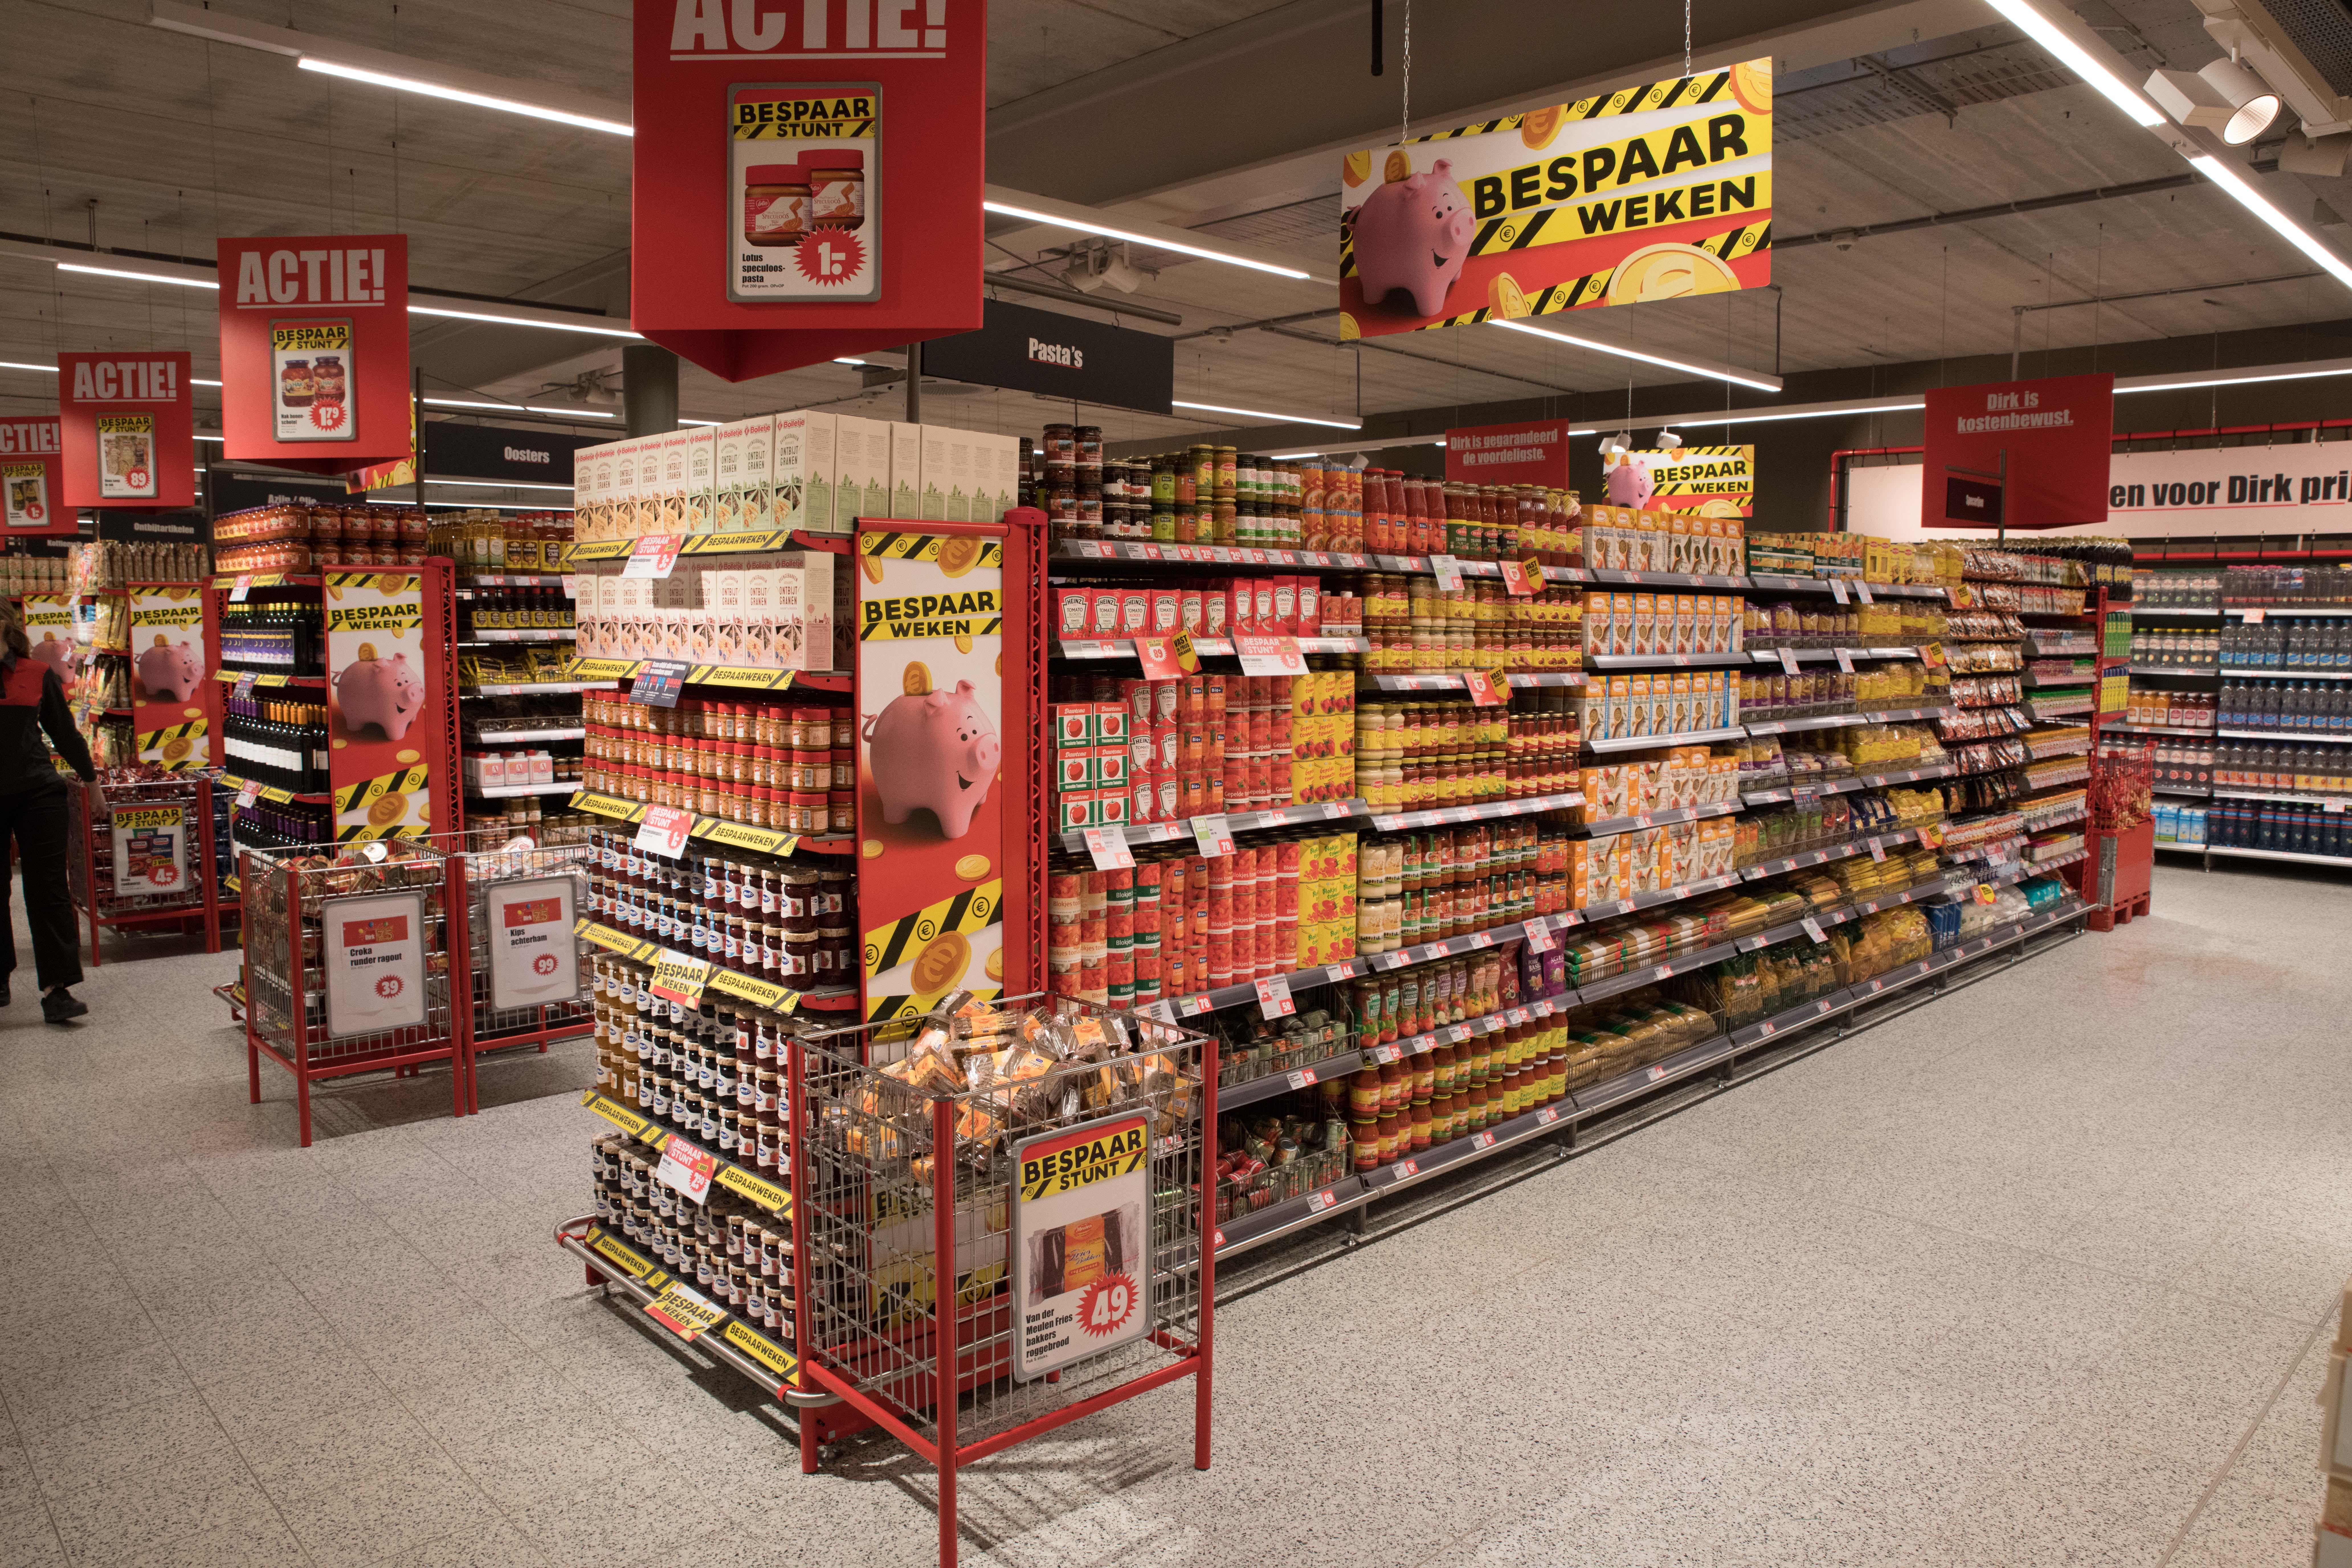 Uwsupermarkt - Digitale communicatie & acties - Home Kurkdroog de consumer site voor wijn uit de supermarkt